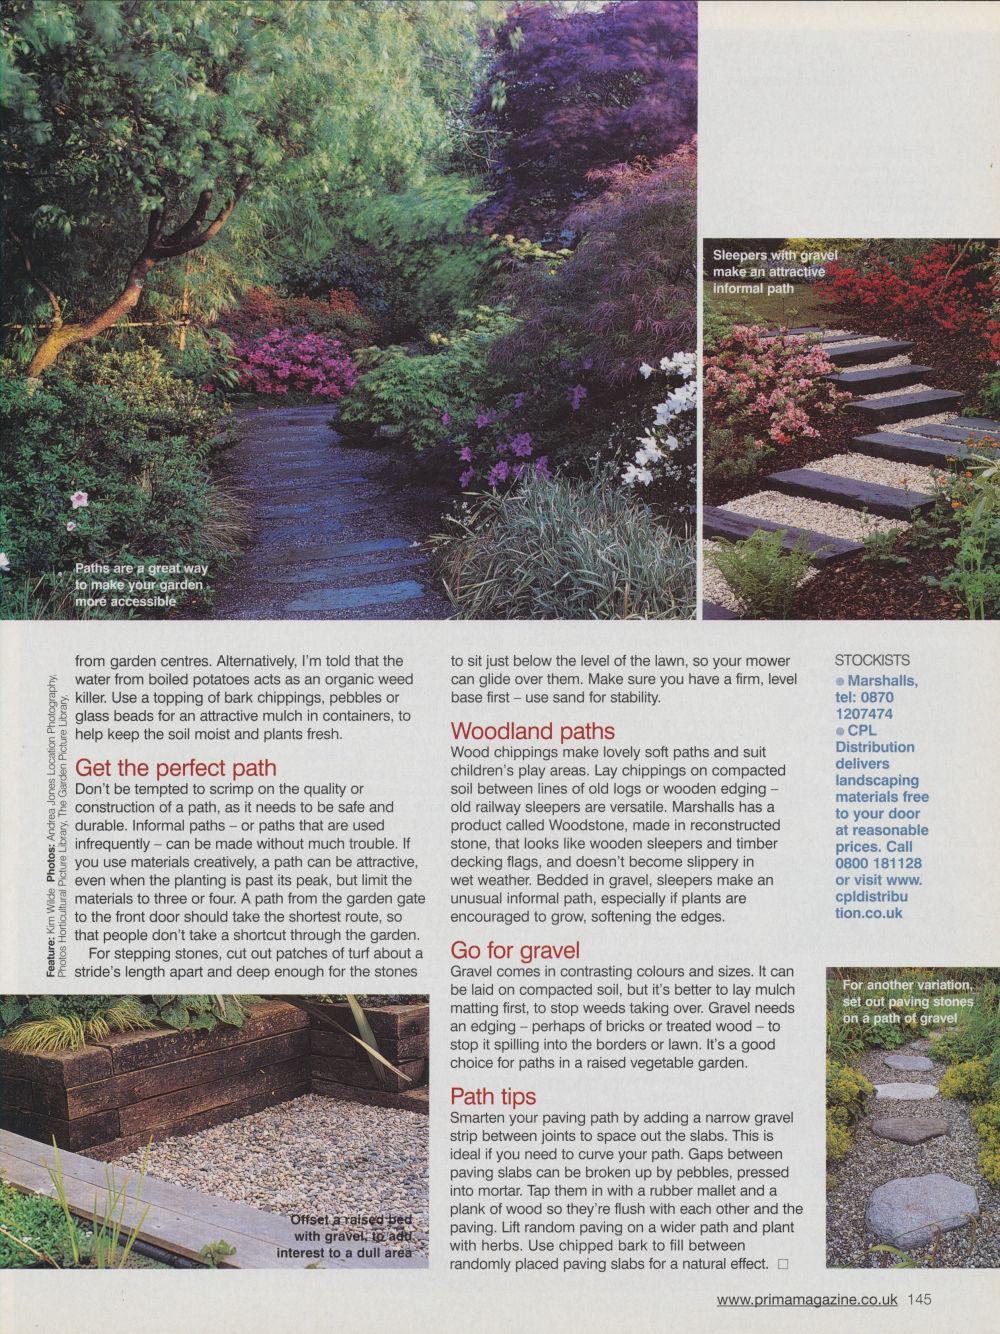 Revamp your garden the easy way | Wilde Life